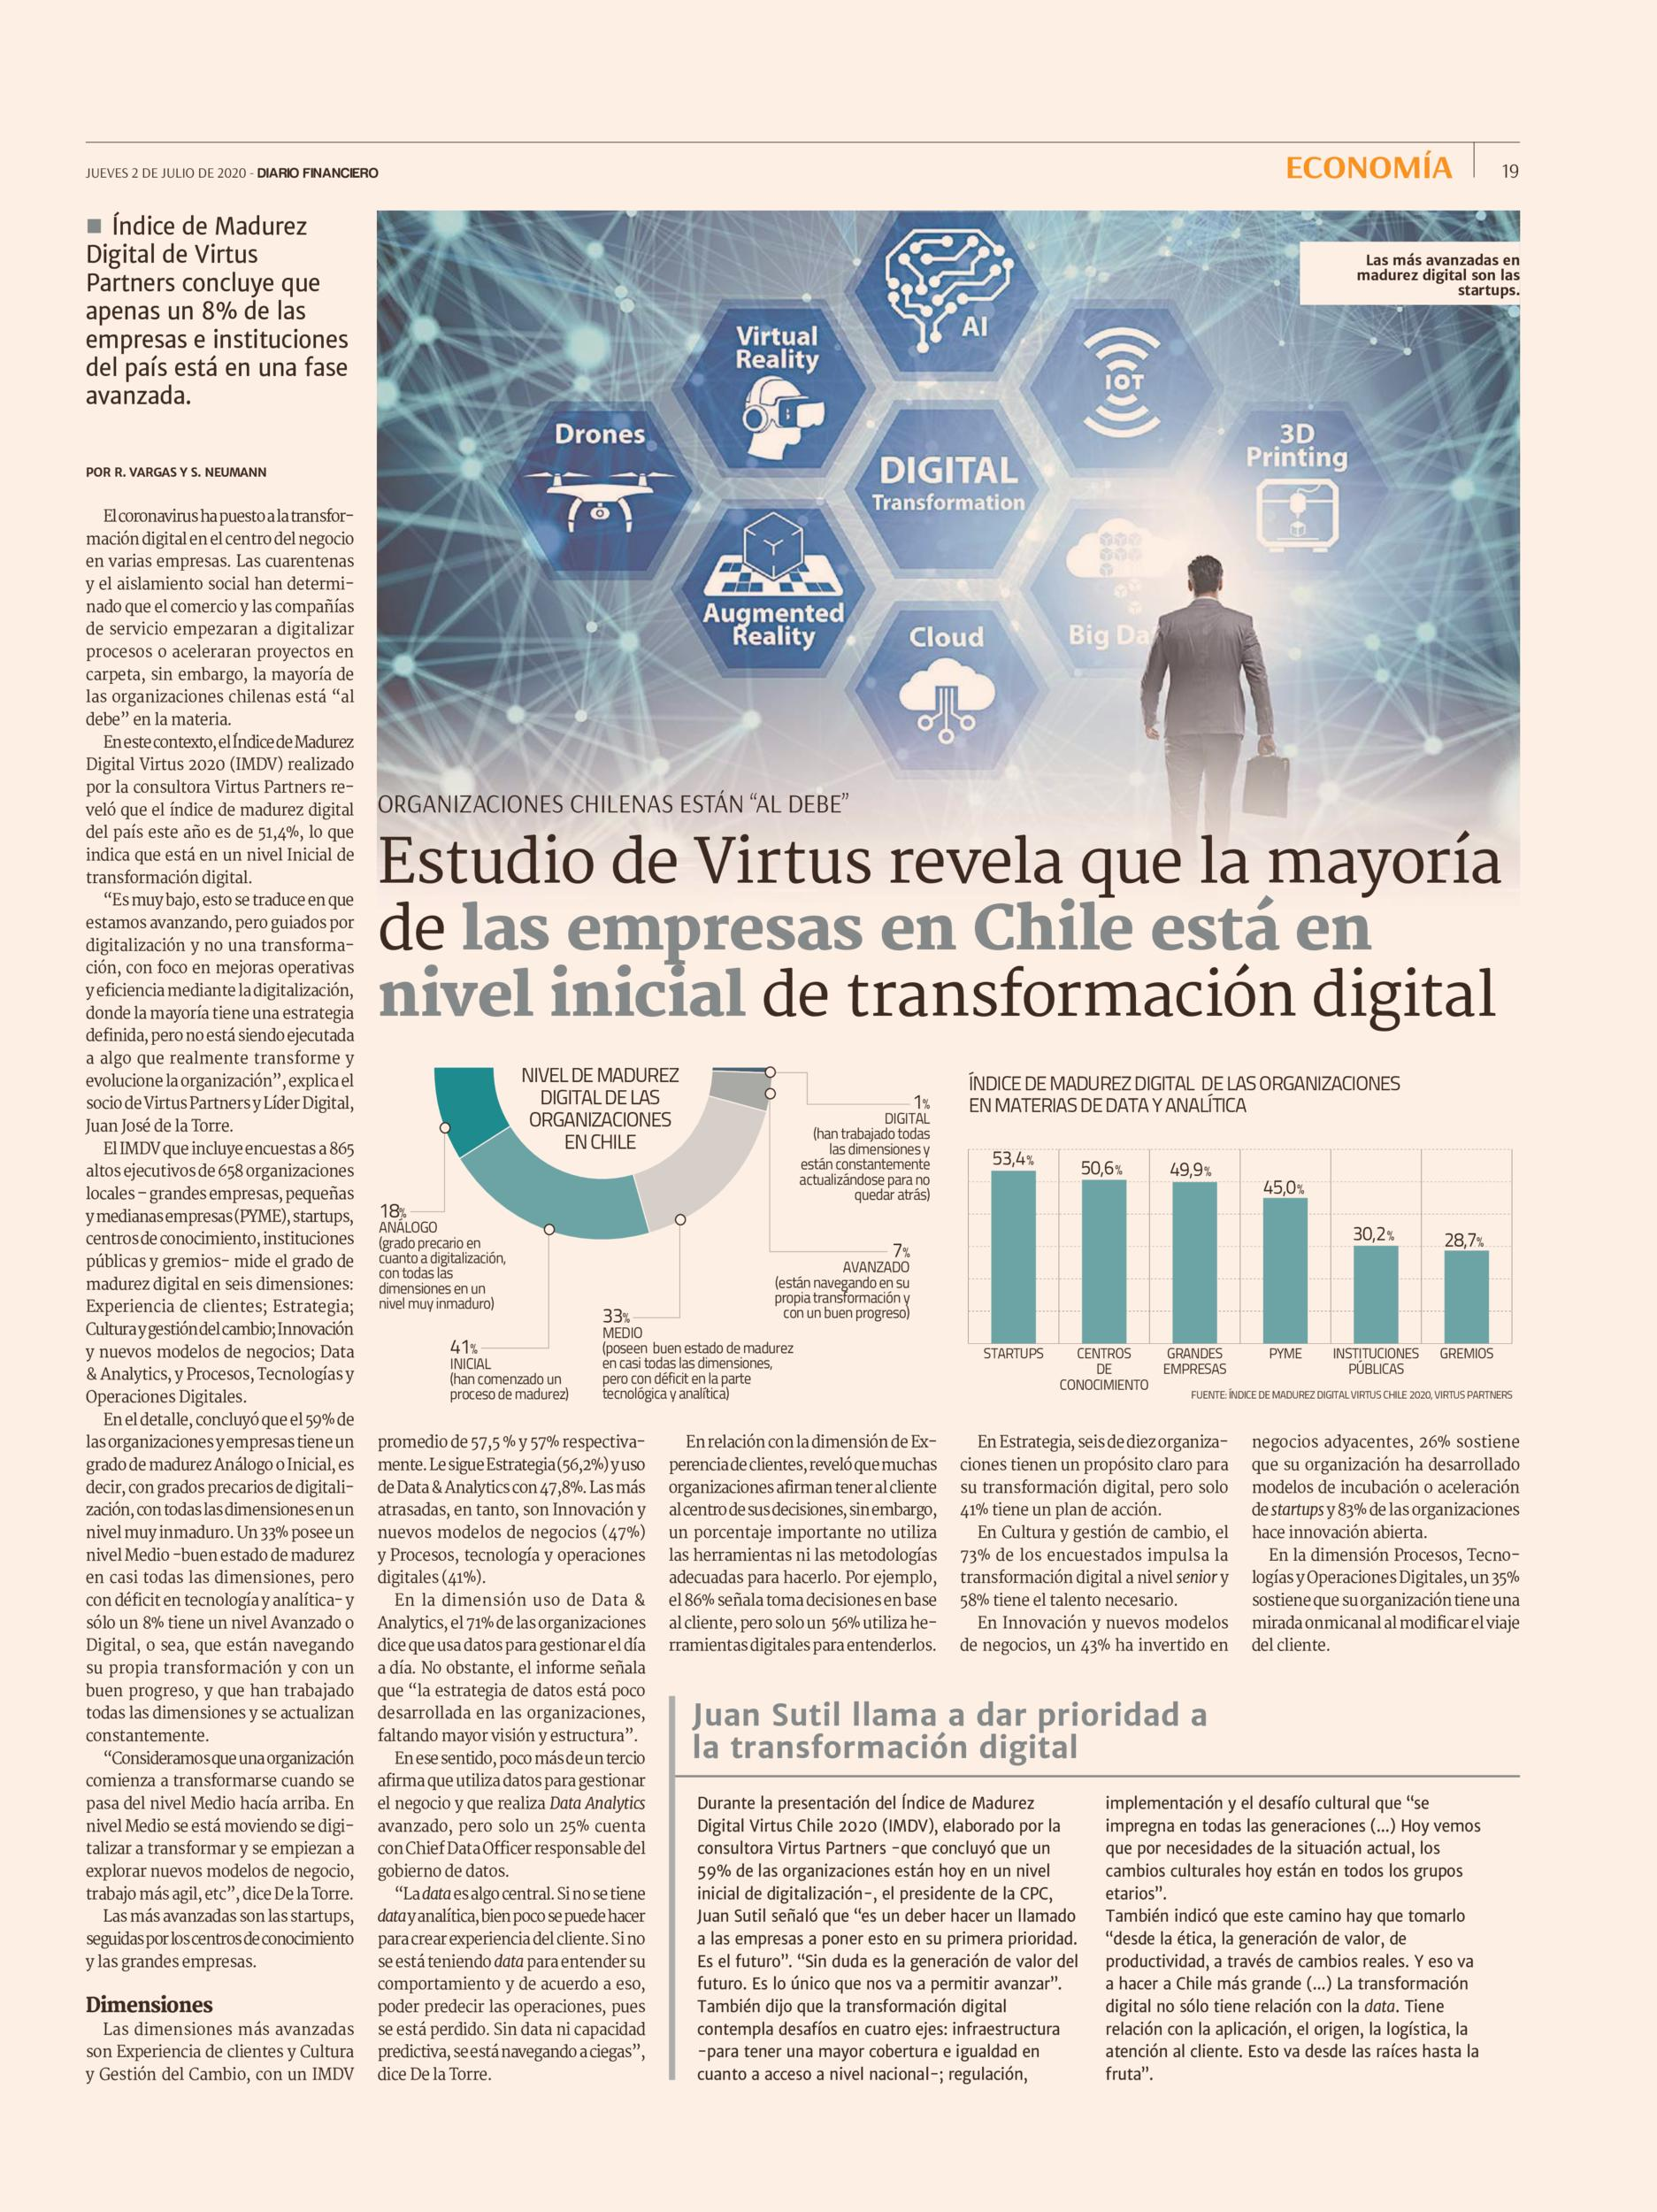 IMDV2020 – Diario Financiero